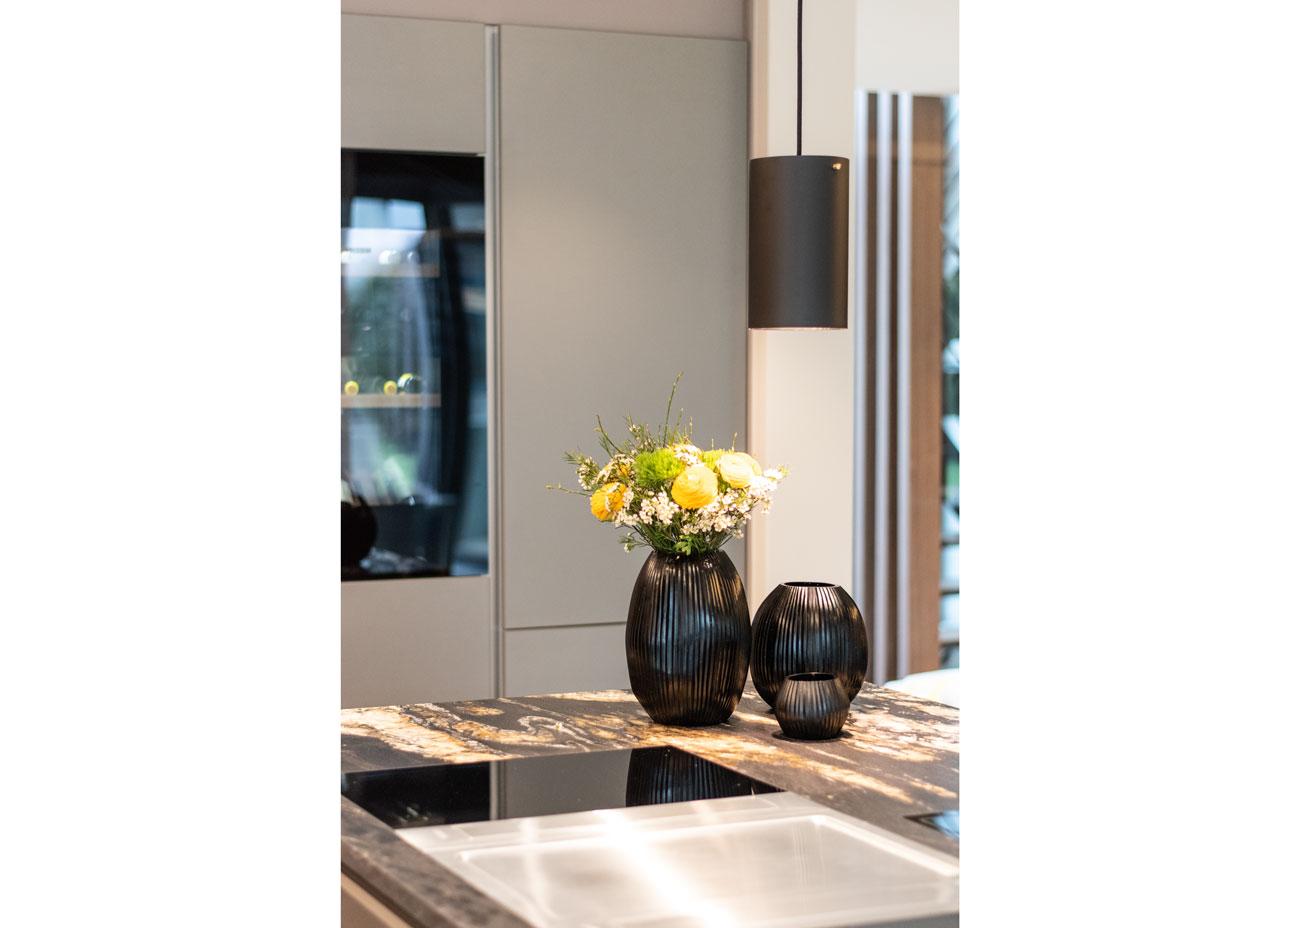 haus einrichten Küche natursteinplatte detail Vase pendelleuchte